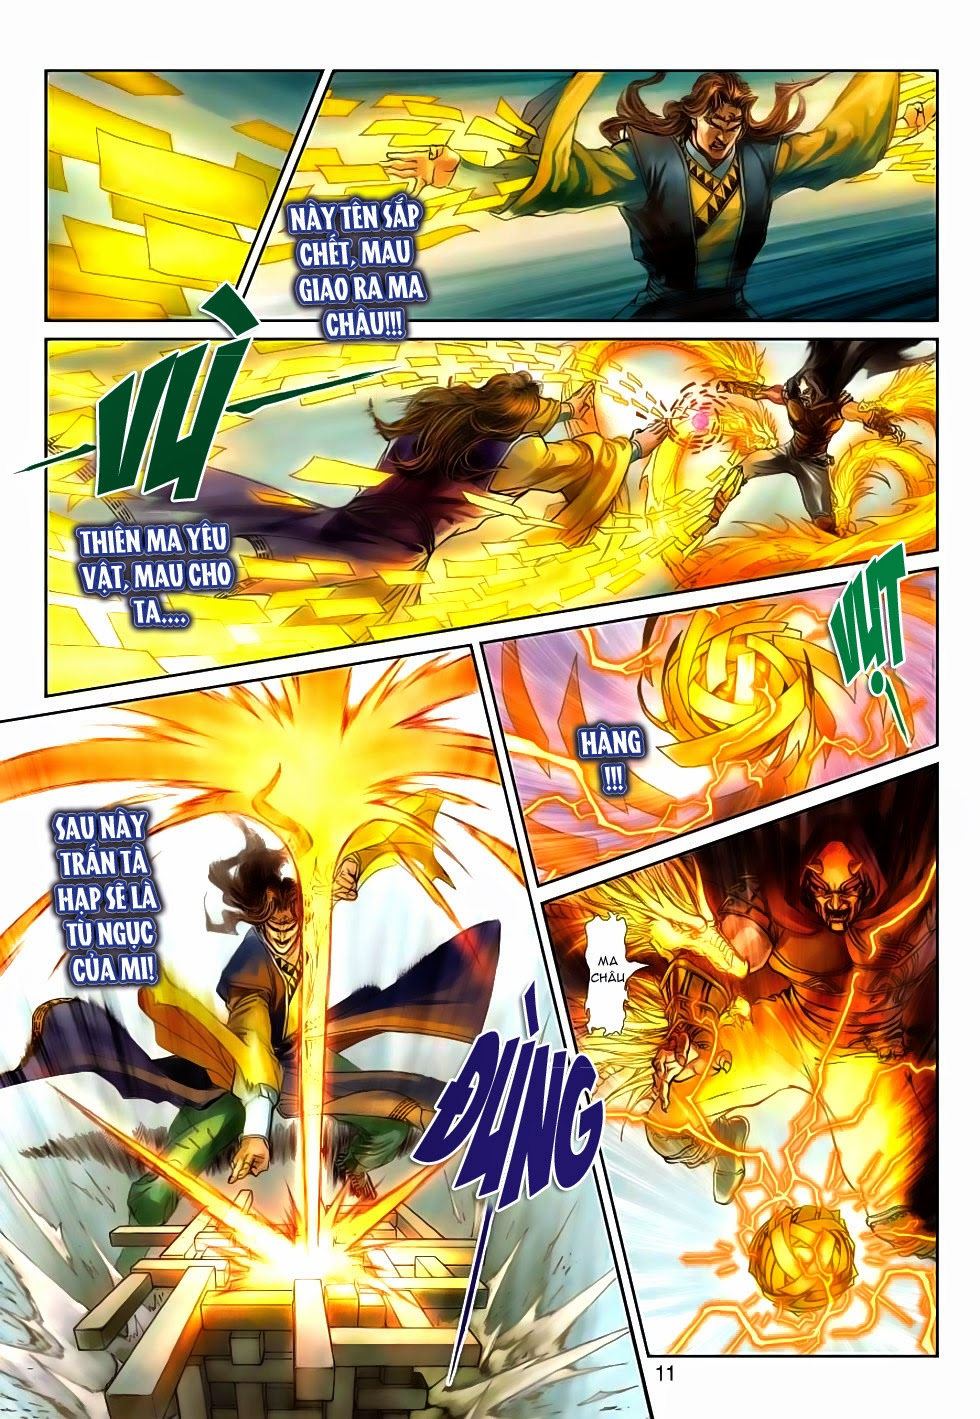 Thần Binh Tiền Truyện 4 - Huyền Thiên Tà Đế chap 5 - Trang 11